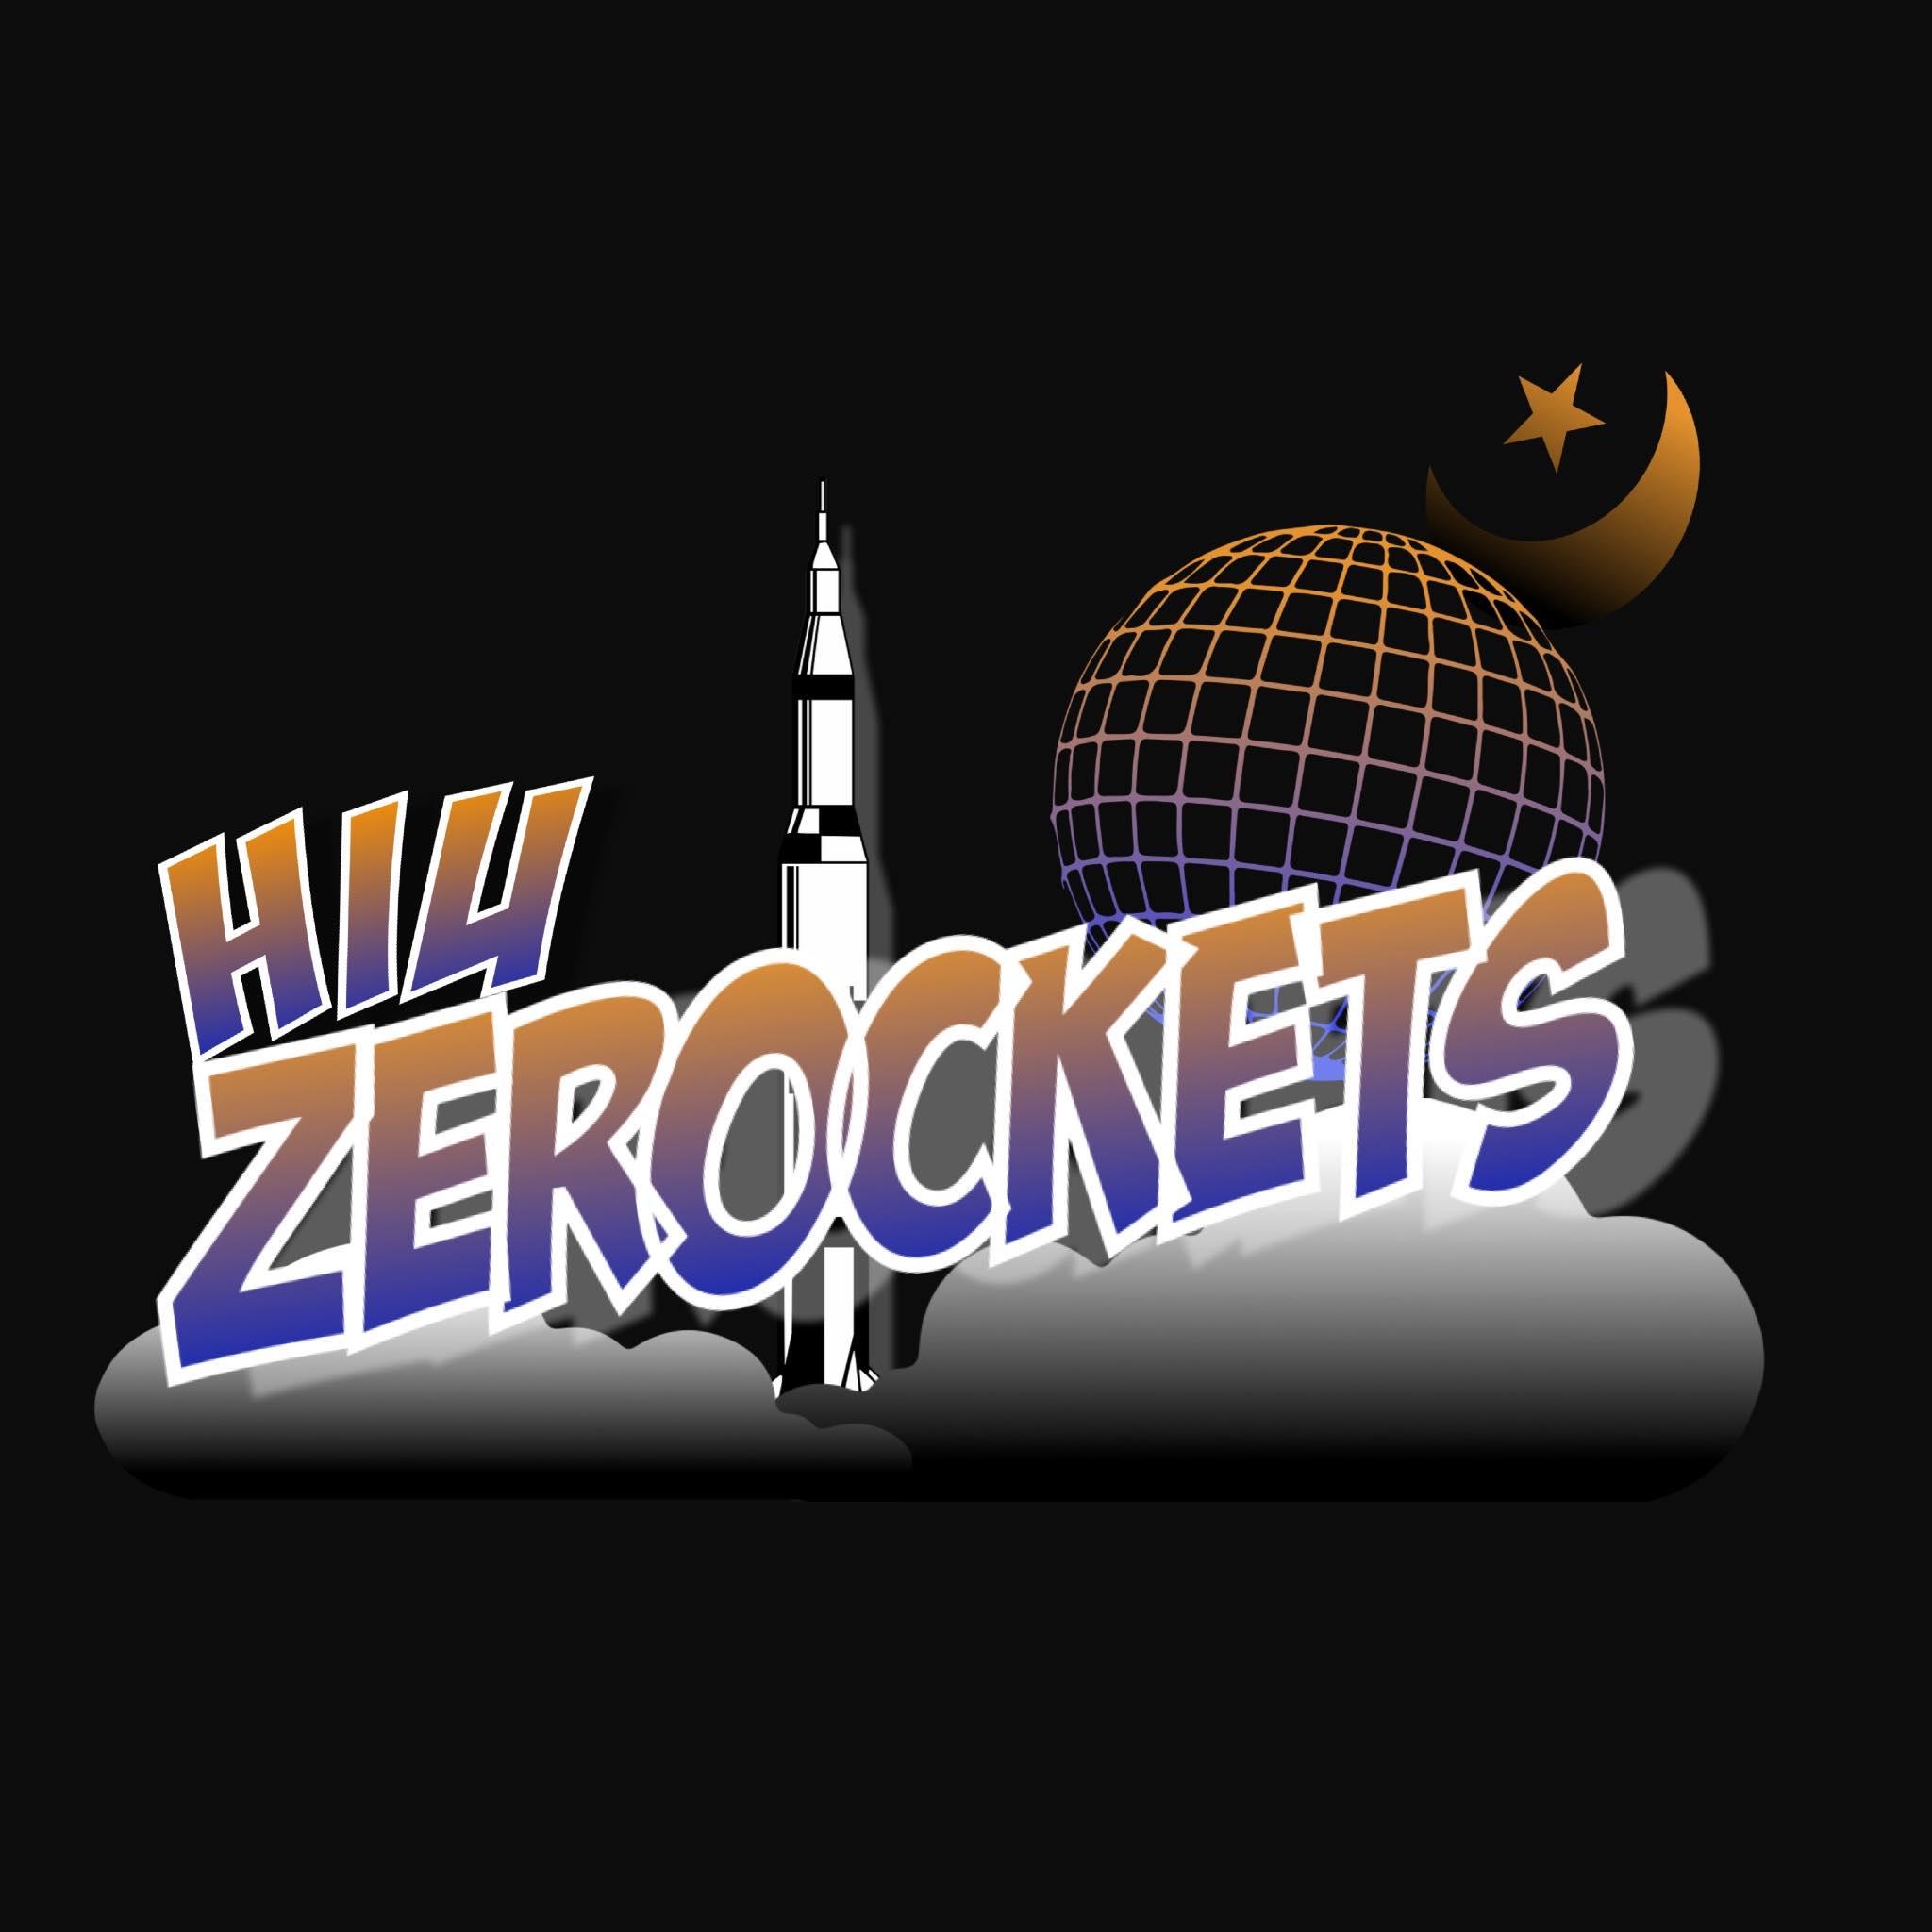 HIU ZEROCKETS.EXE ロゴ